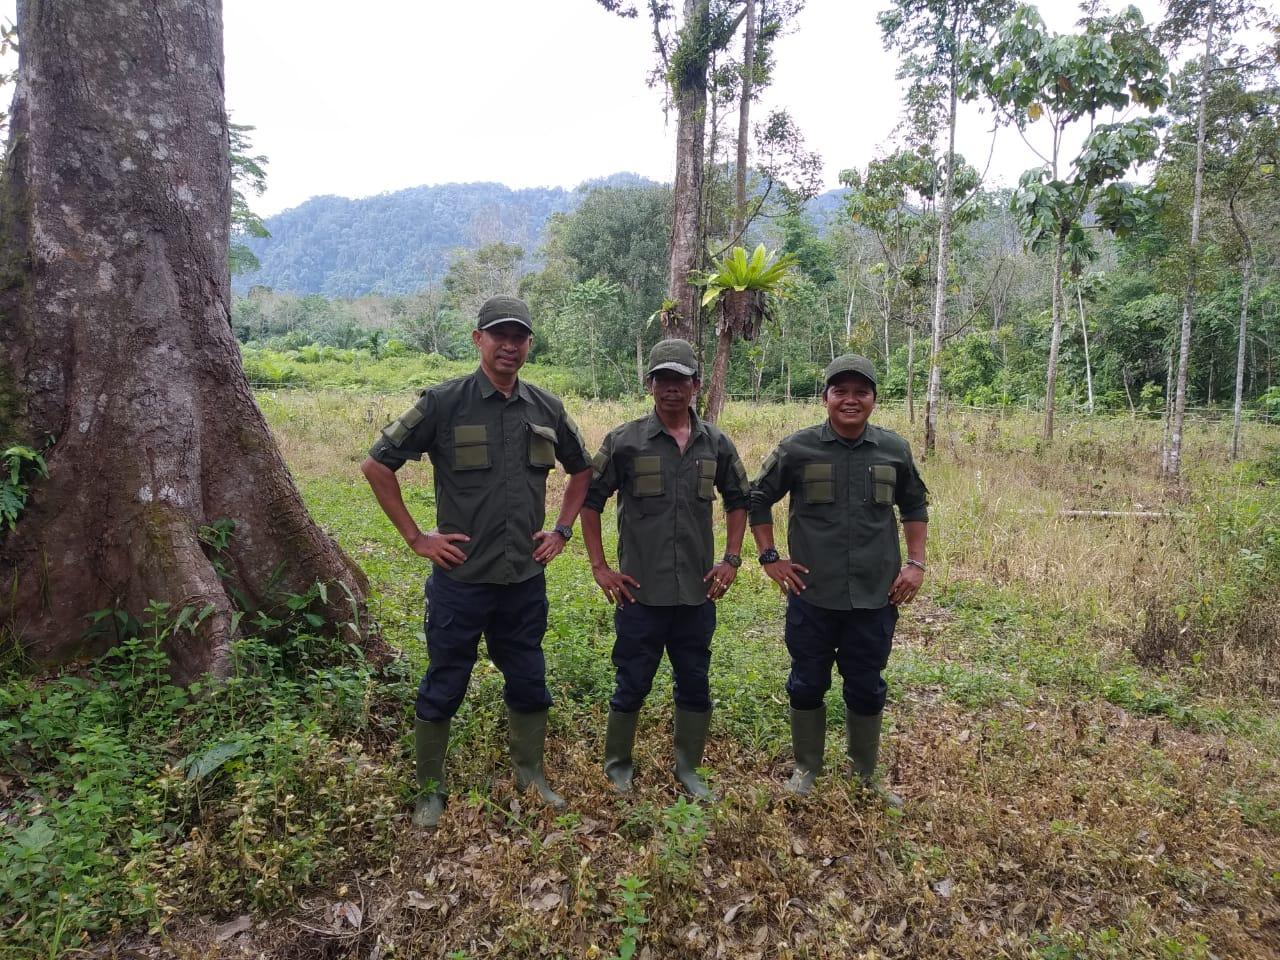 human-wildlife conflict – rangers